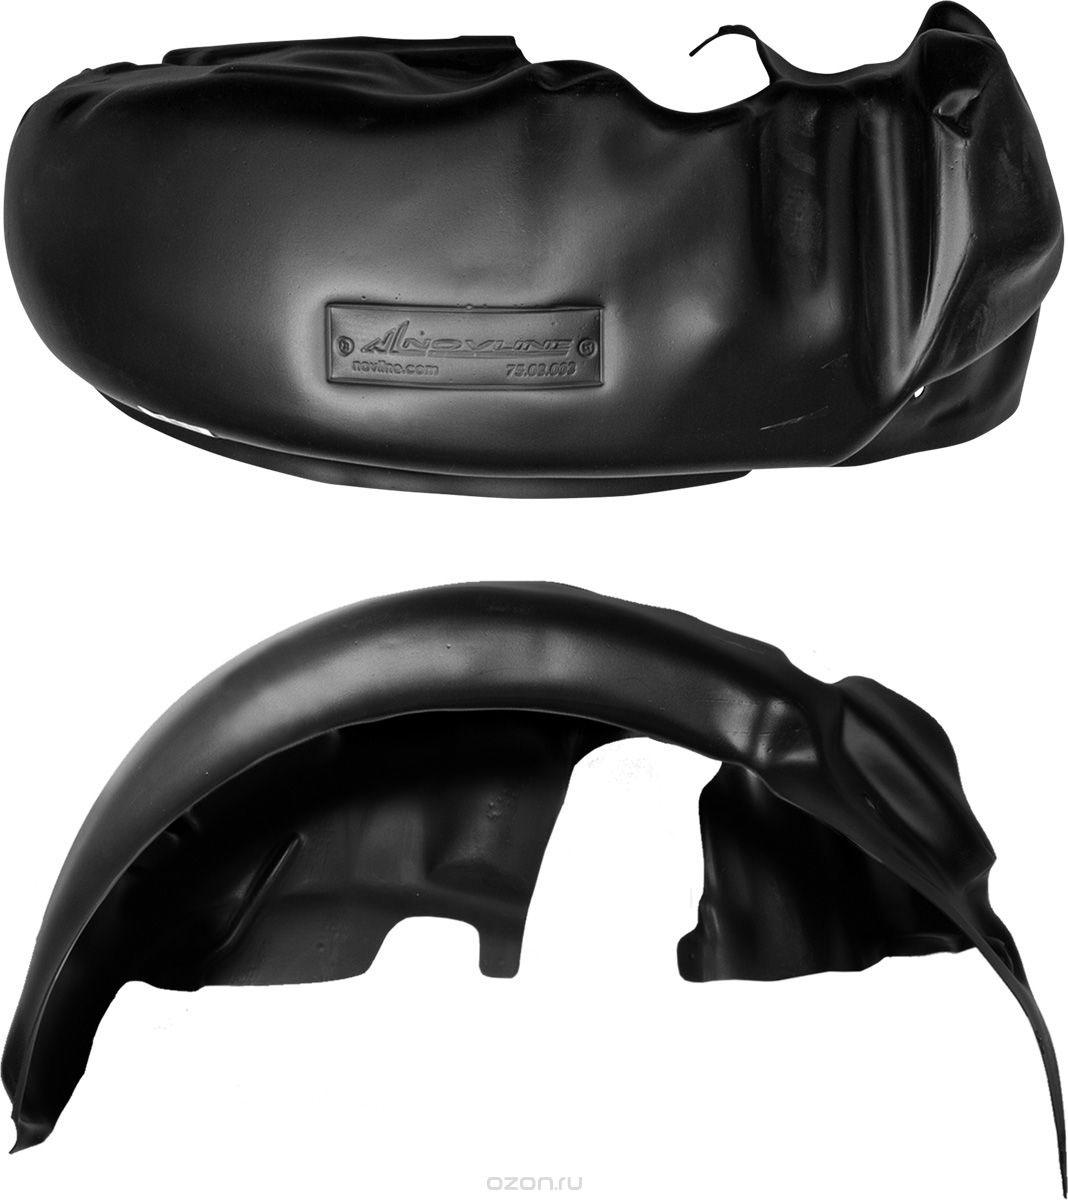 Подкрылок Novline-Autofamily, для TOYOTA Auris , 2012->, передний правыйNLL.48.54.002Идеальная защита колесной ниши. Локеры разработаны с применением цифровых технологий, гарантируют максимальную повторяемость поверхности арки. Изделия устанавливаются без нарушения лакокрасочного покрытия автомобиля, каждый подкрылок комплектуется крепежом. Уважаемые клиенты, обращаем ваше внимание, что фотографии на подкрылки универсальные и не отражают реальную форму изделия. При этом само изделие идет точно под размер указанного автомобиля.